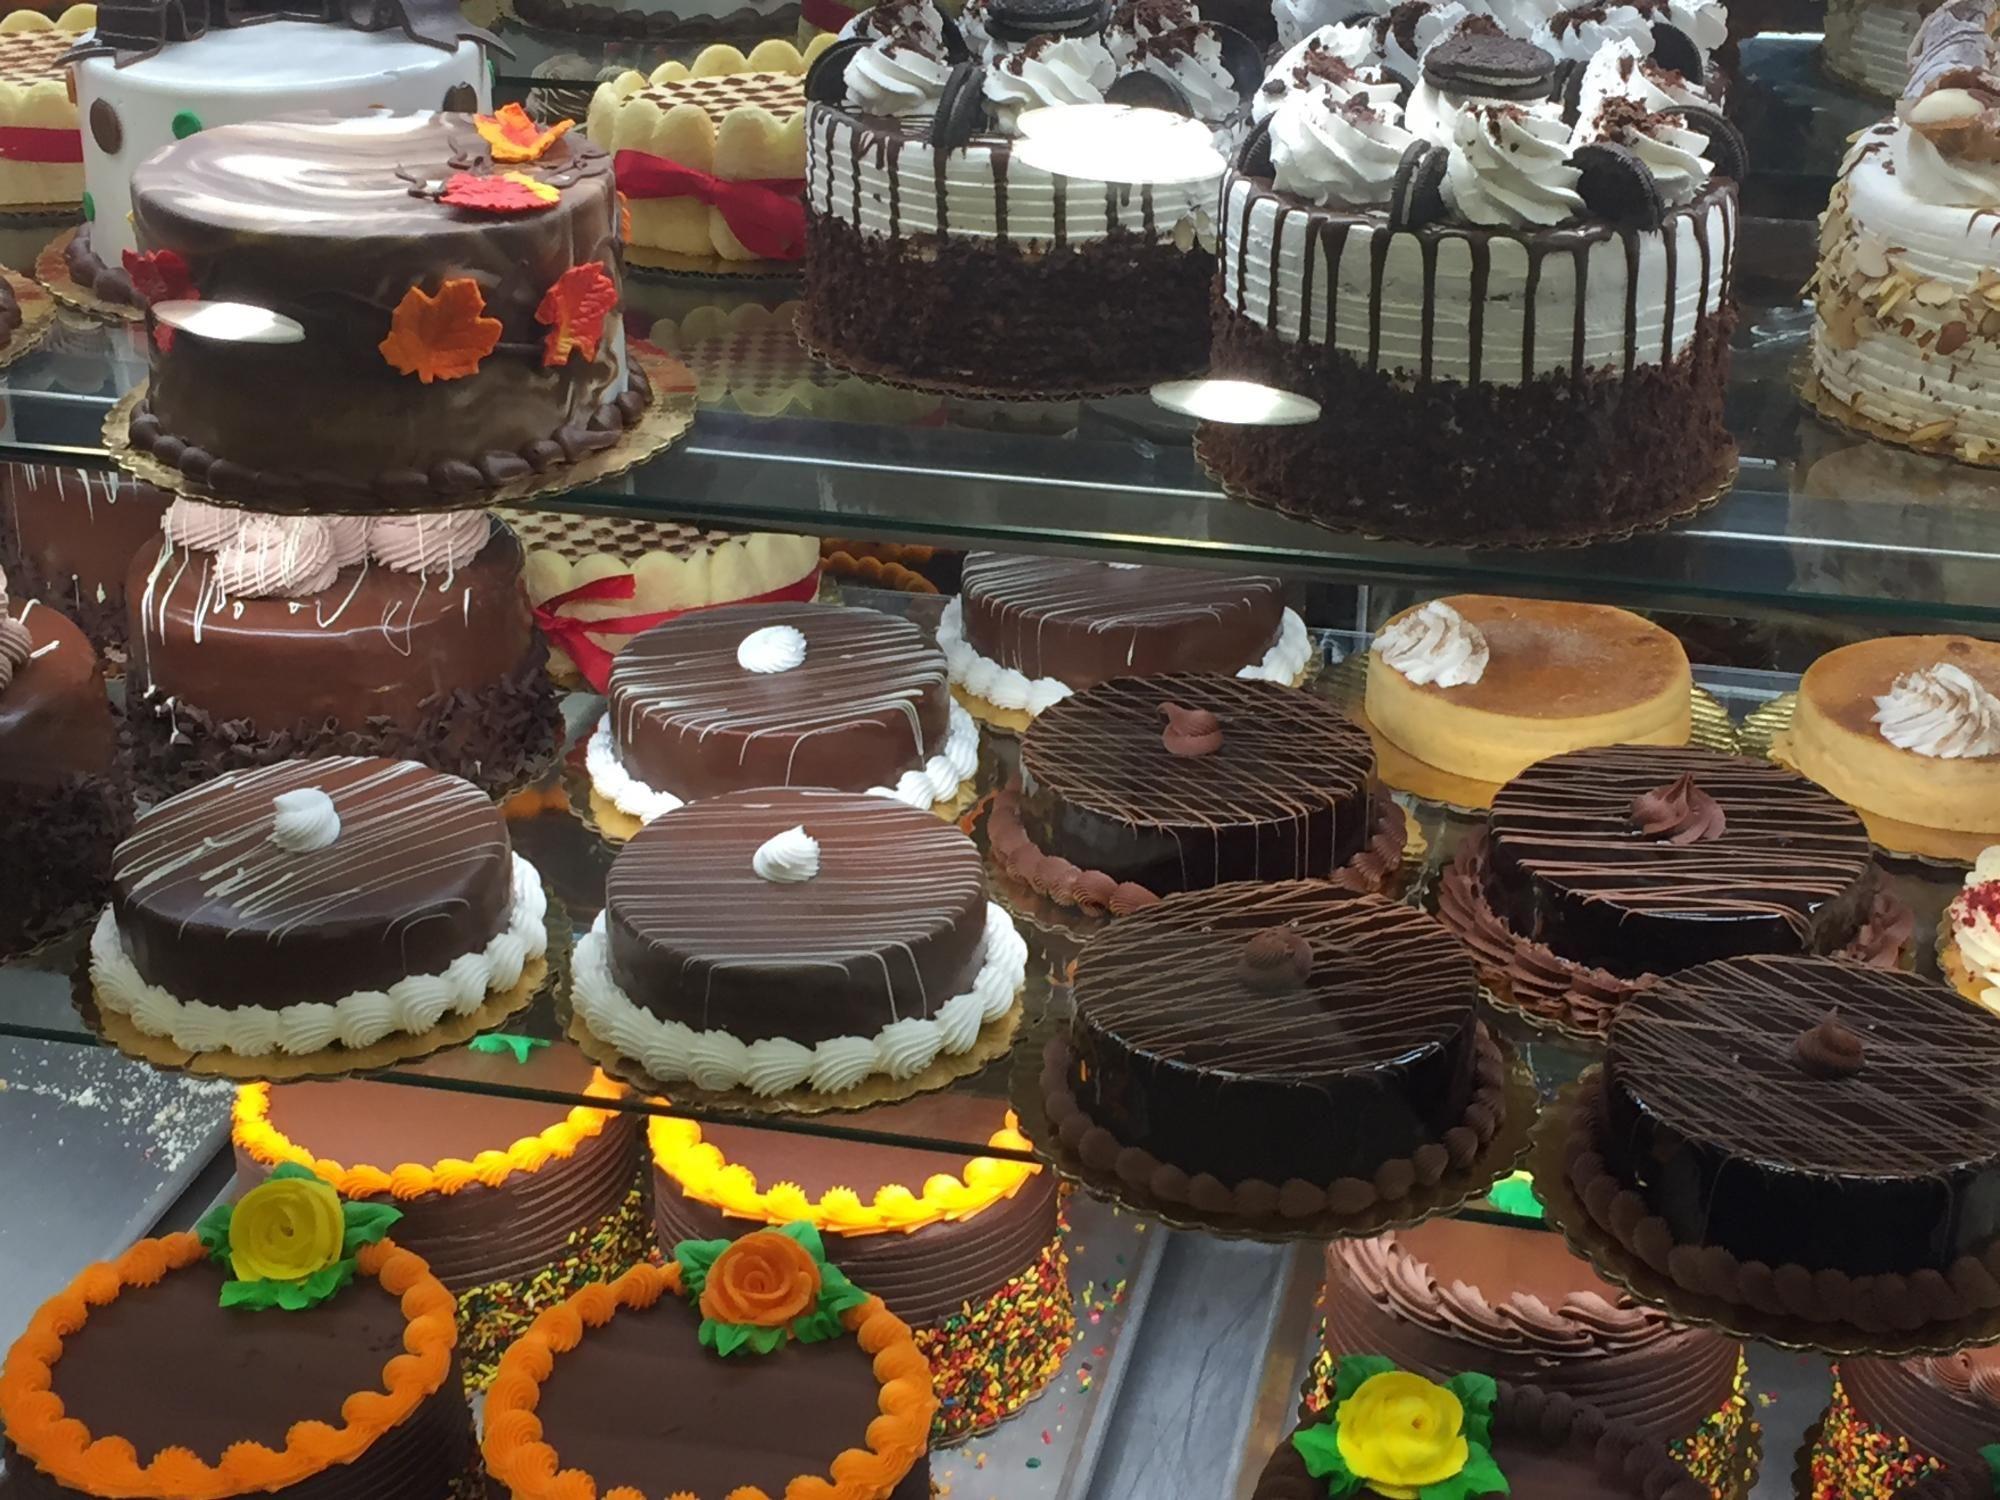 Carlo's Bakery, Hoboken - Fotos, Número de Teléfono y Restaurante Opiniones - TripAdvisor